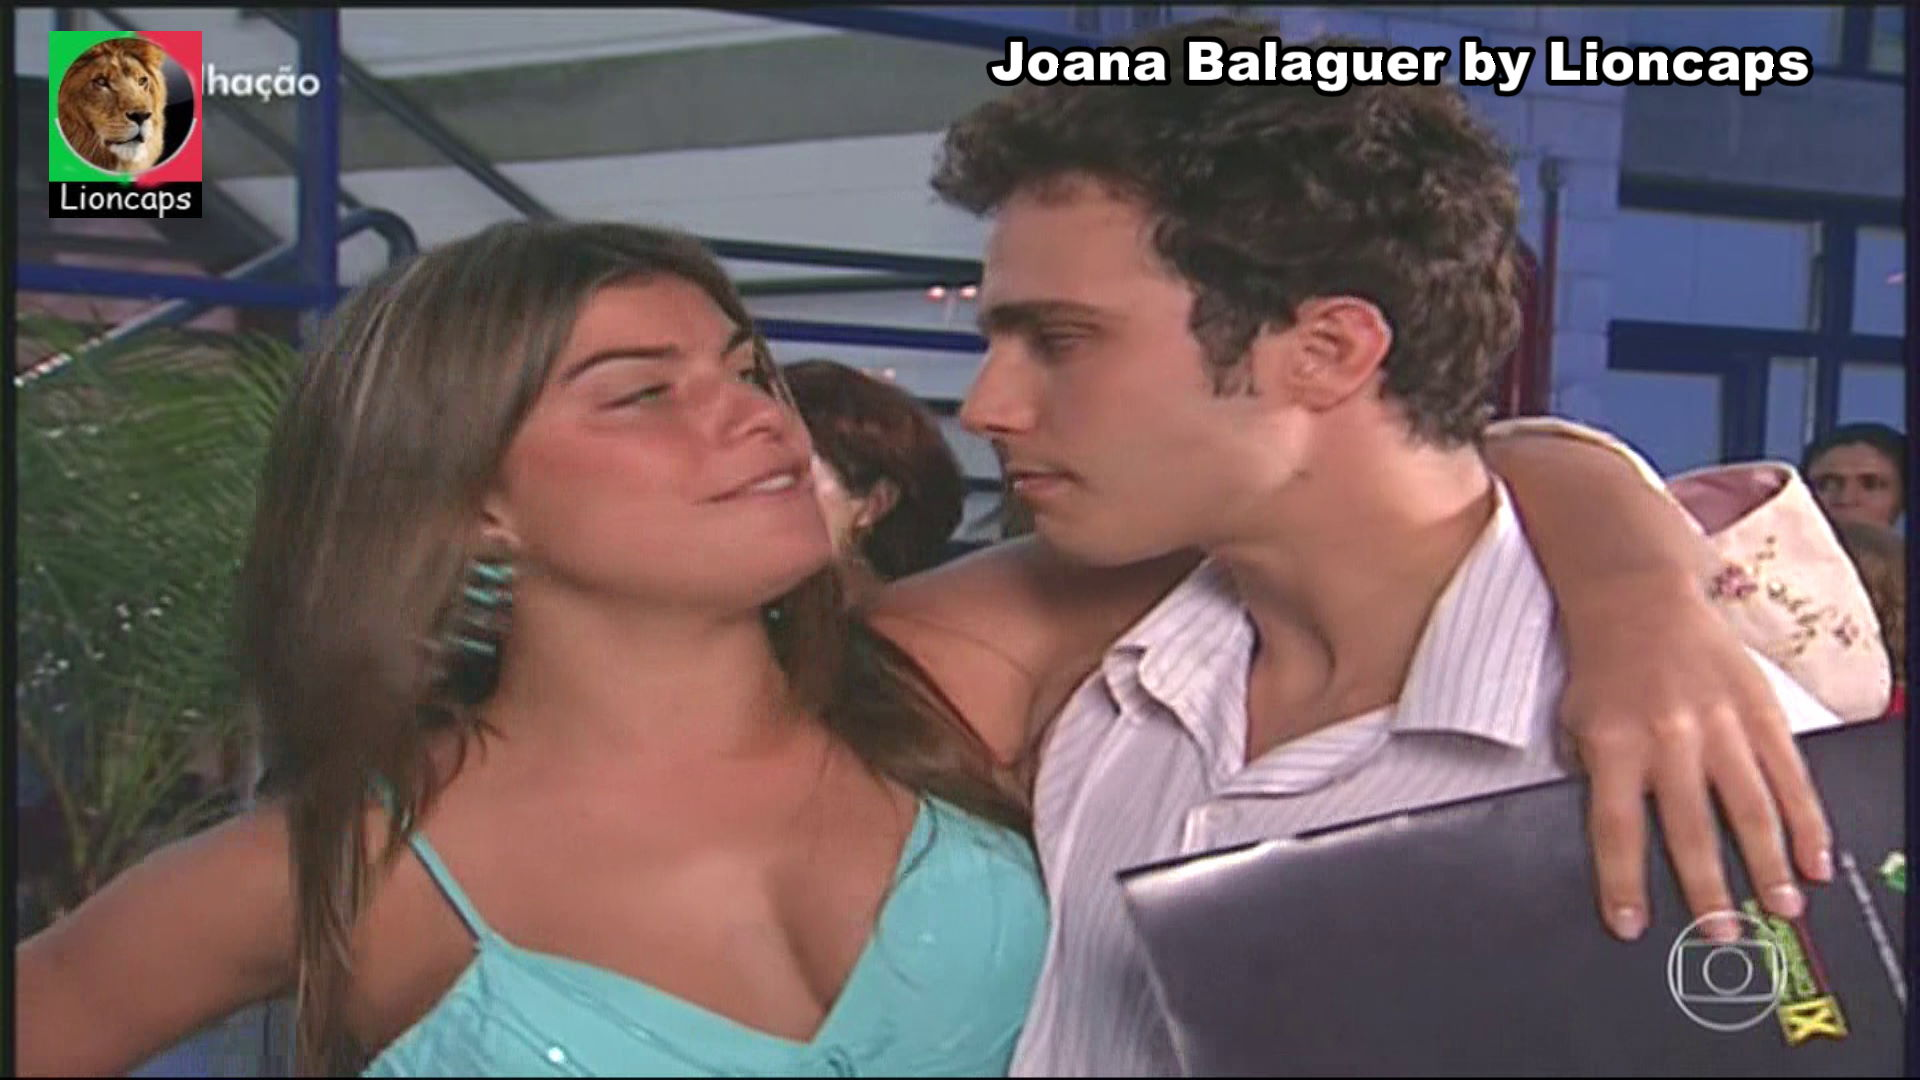 355544783_joana_balaguer_vs190612_1902_122_511lo.JPG